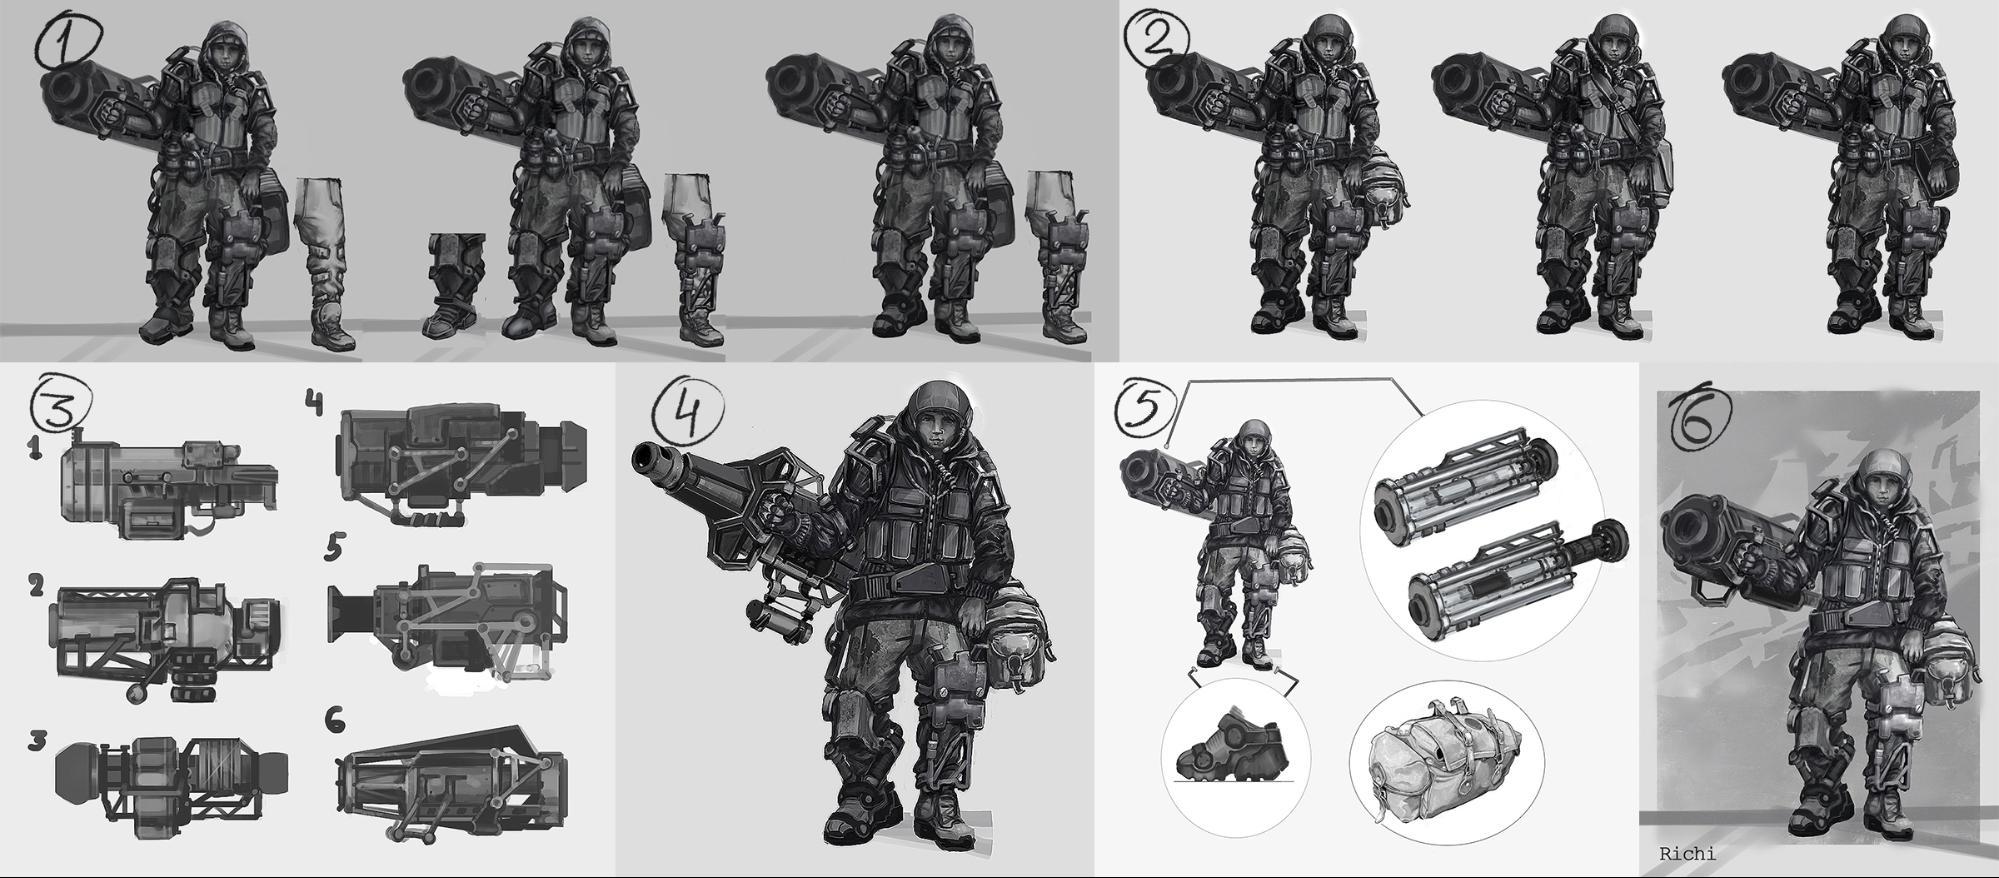 Рефлексия геймдизайнера: персонажи для игры, которая не вышла - 9